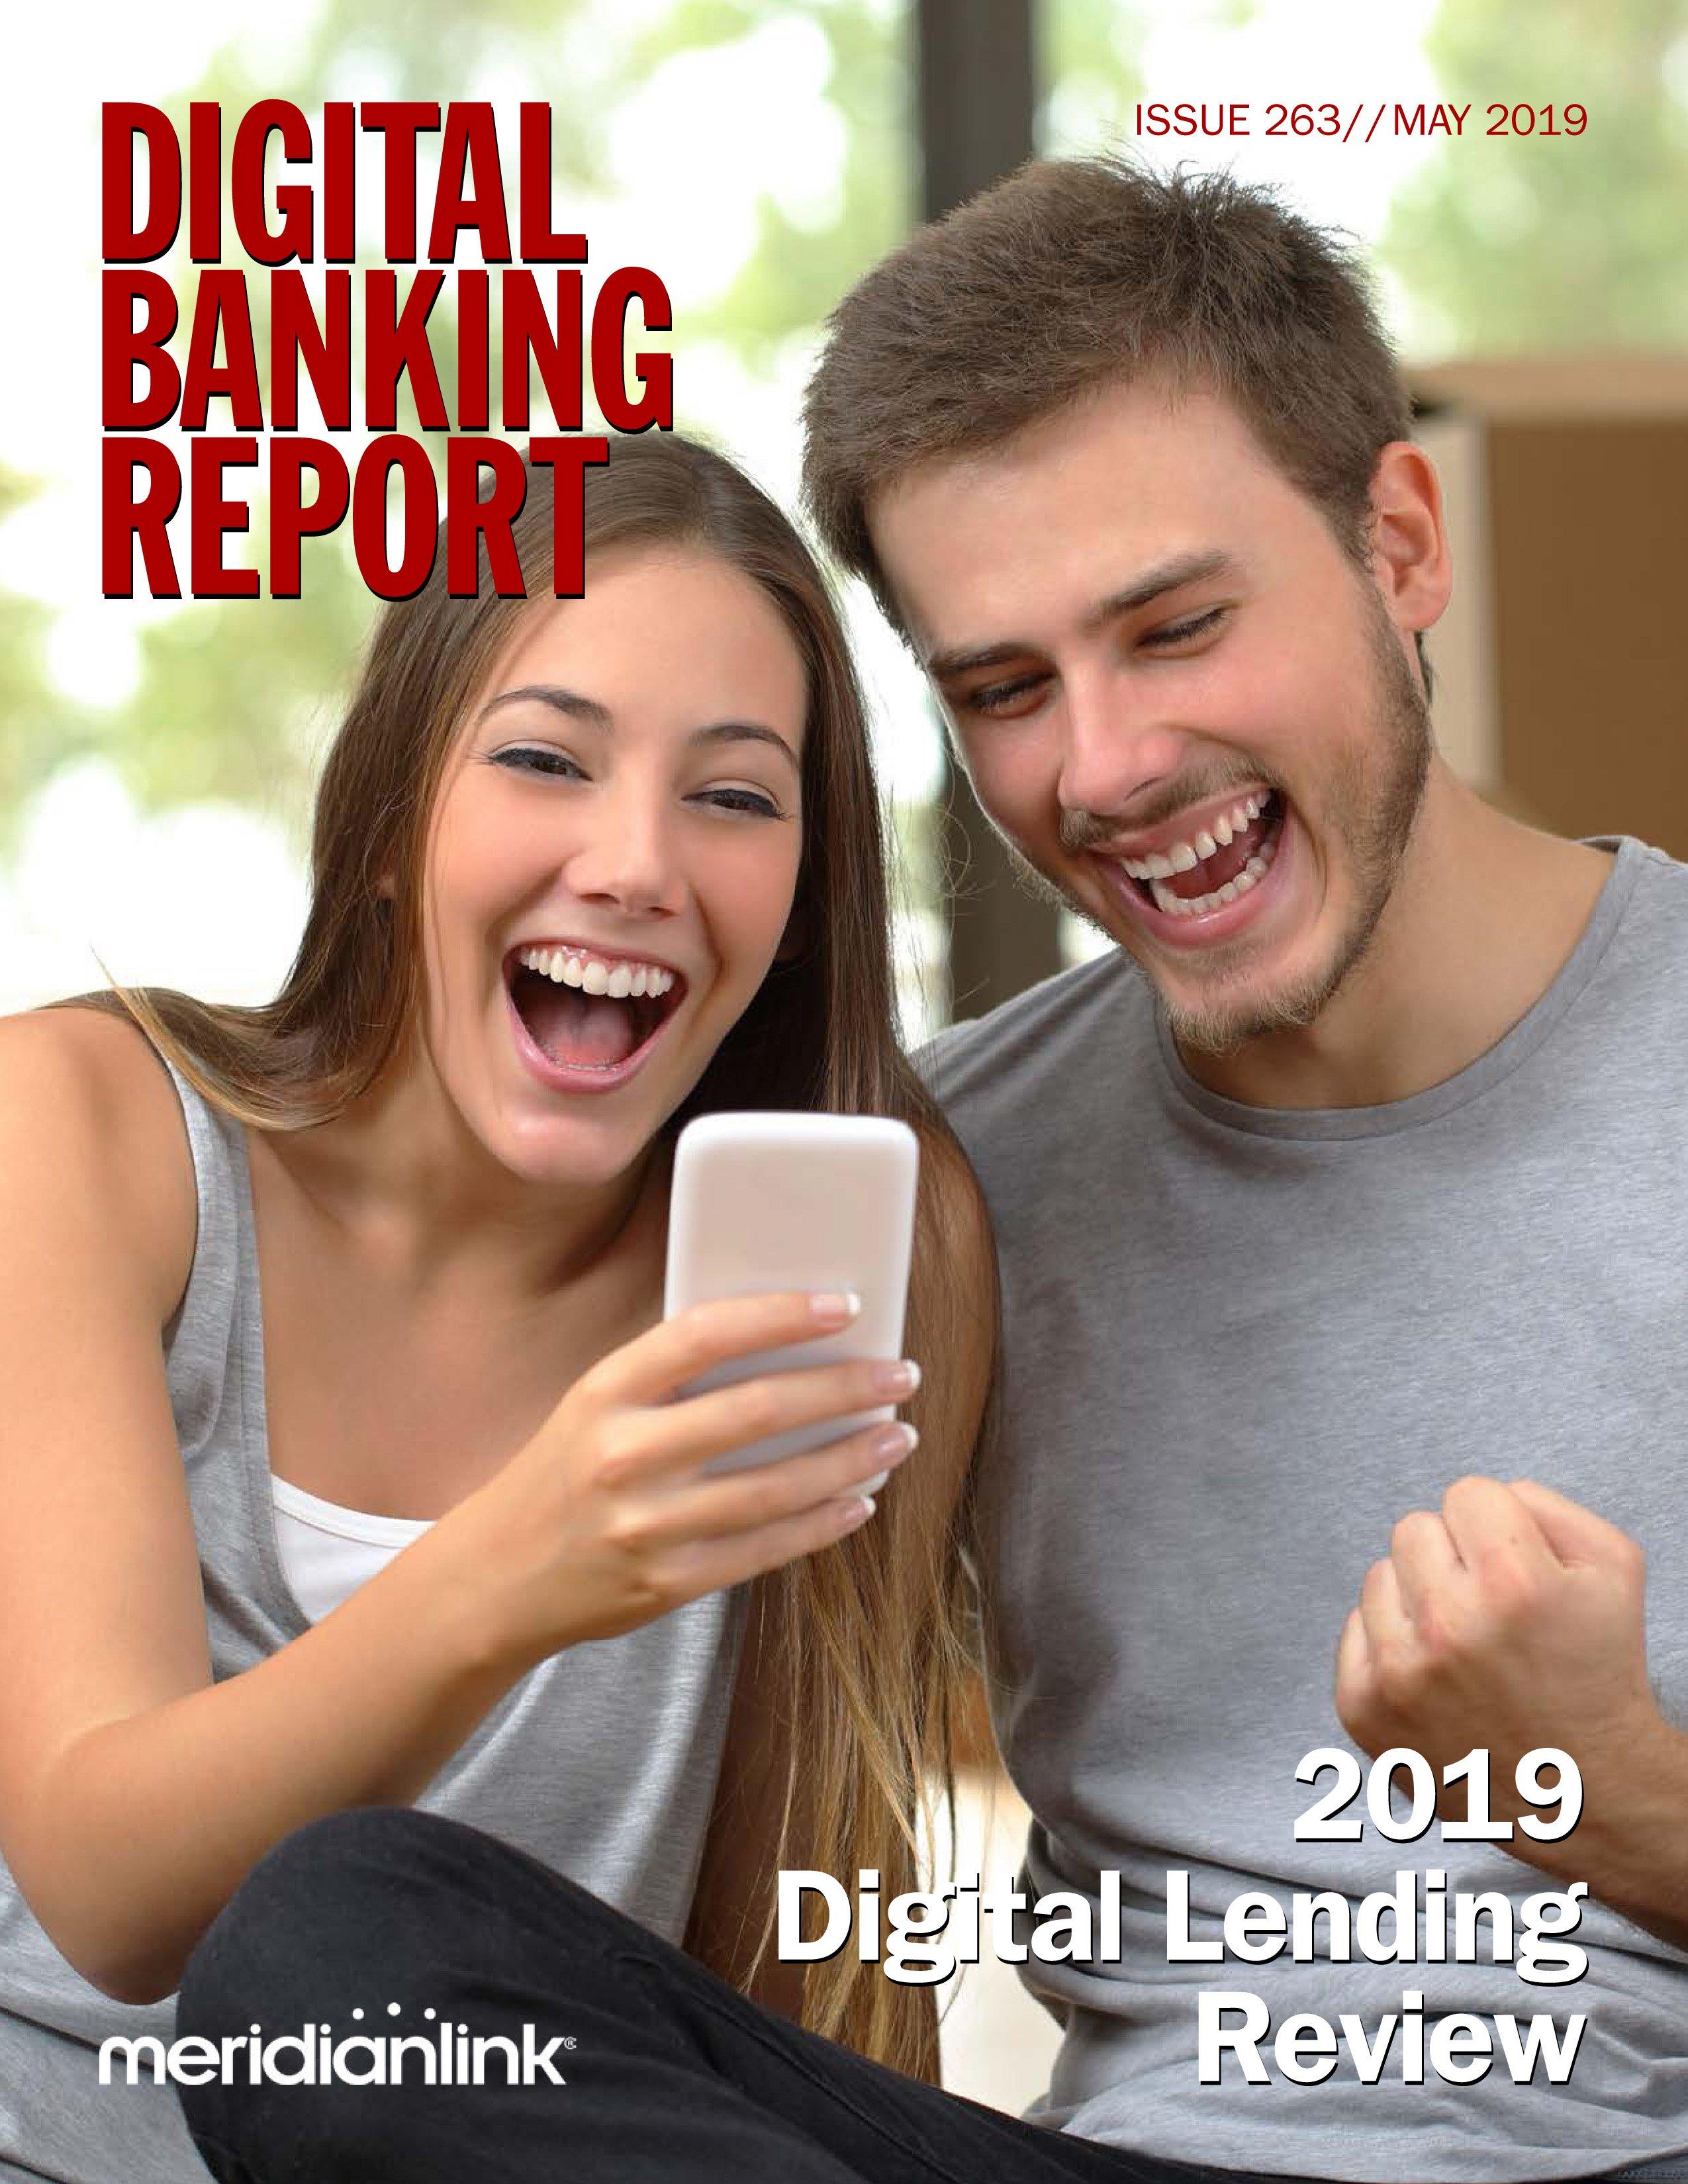 DBR_263 - 2019 Digital Lending Cover 5-31